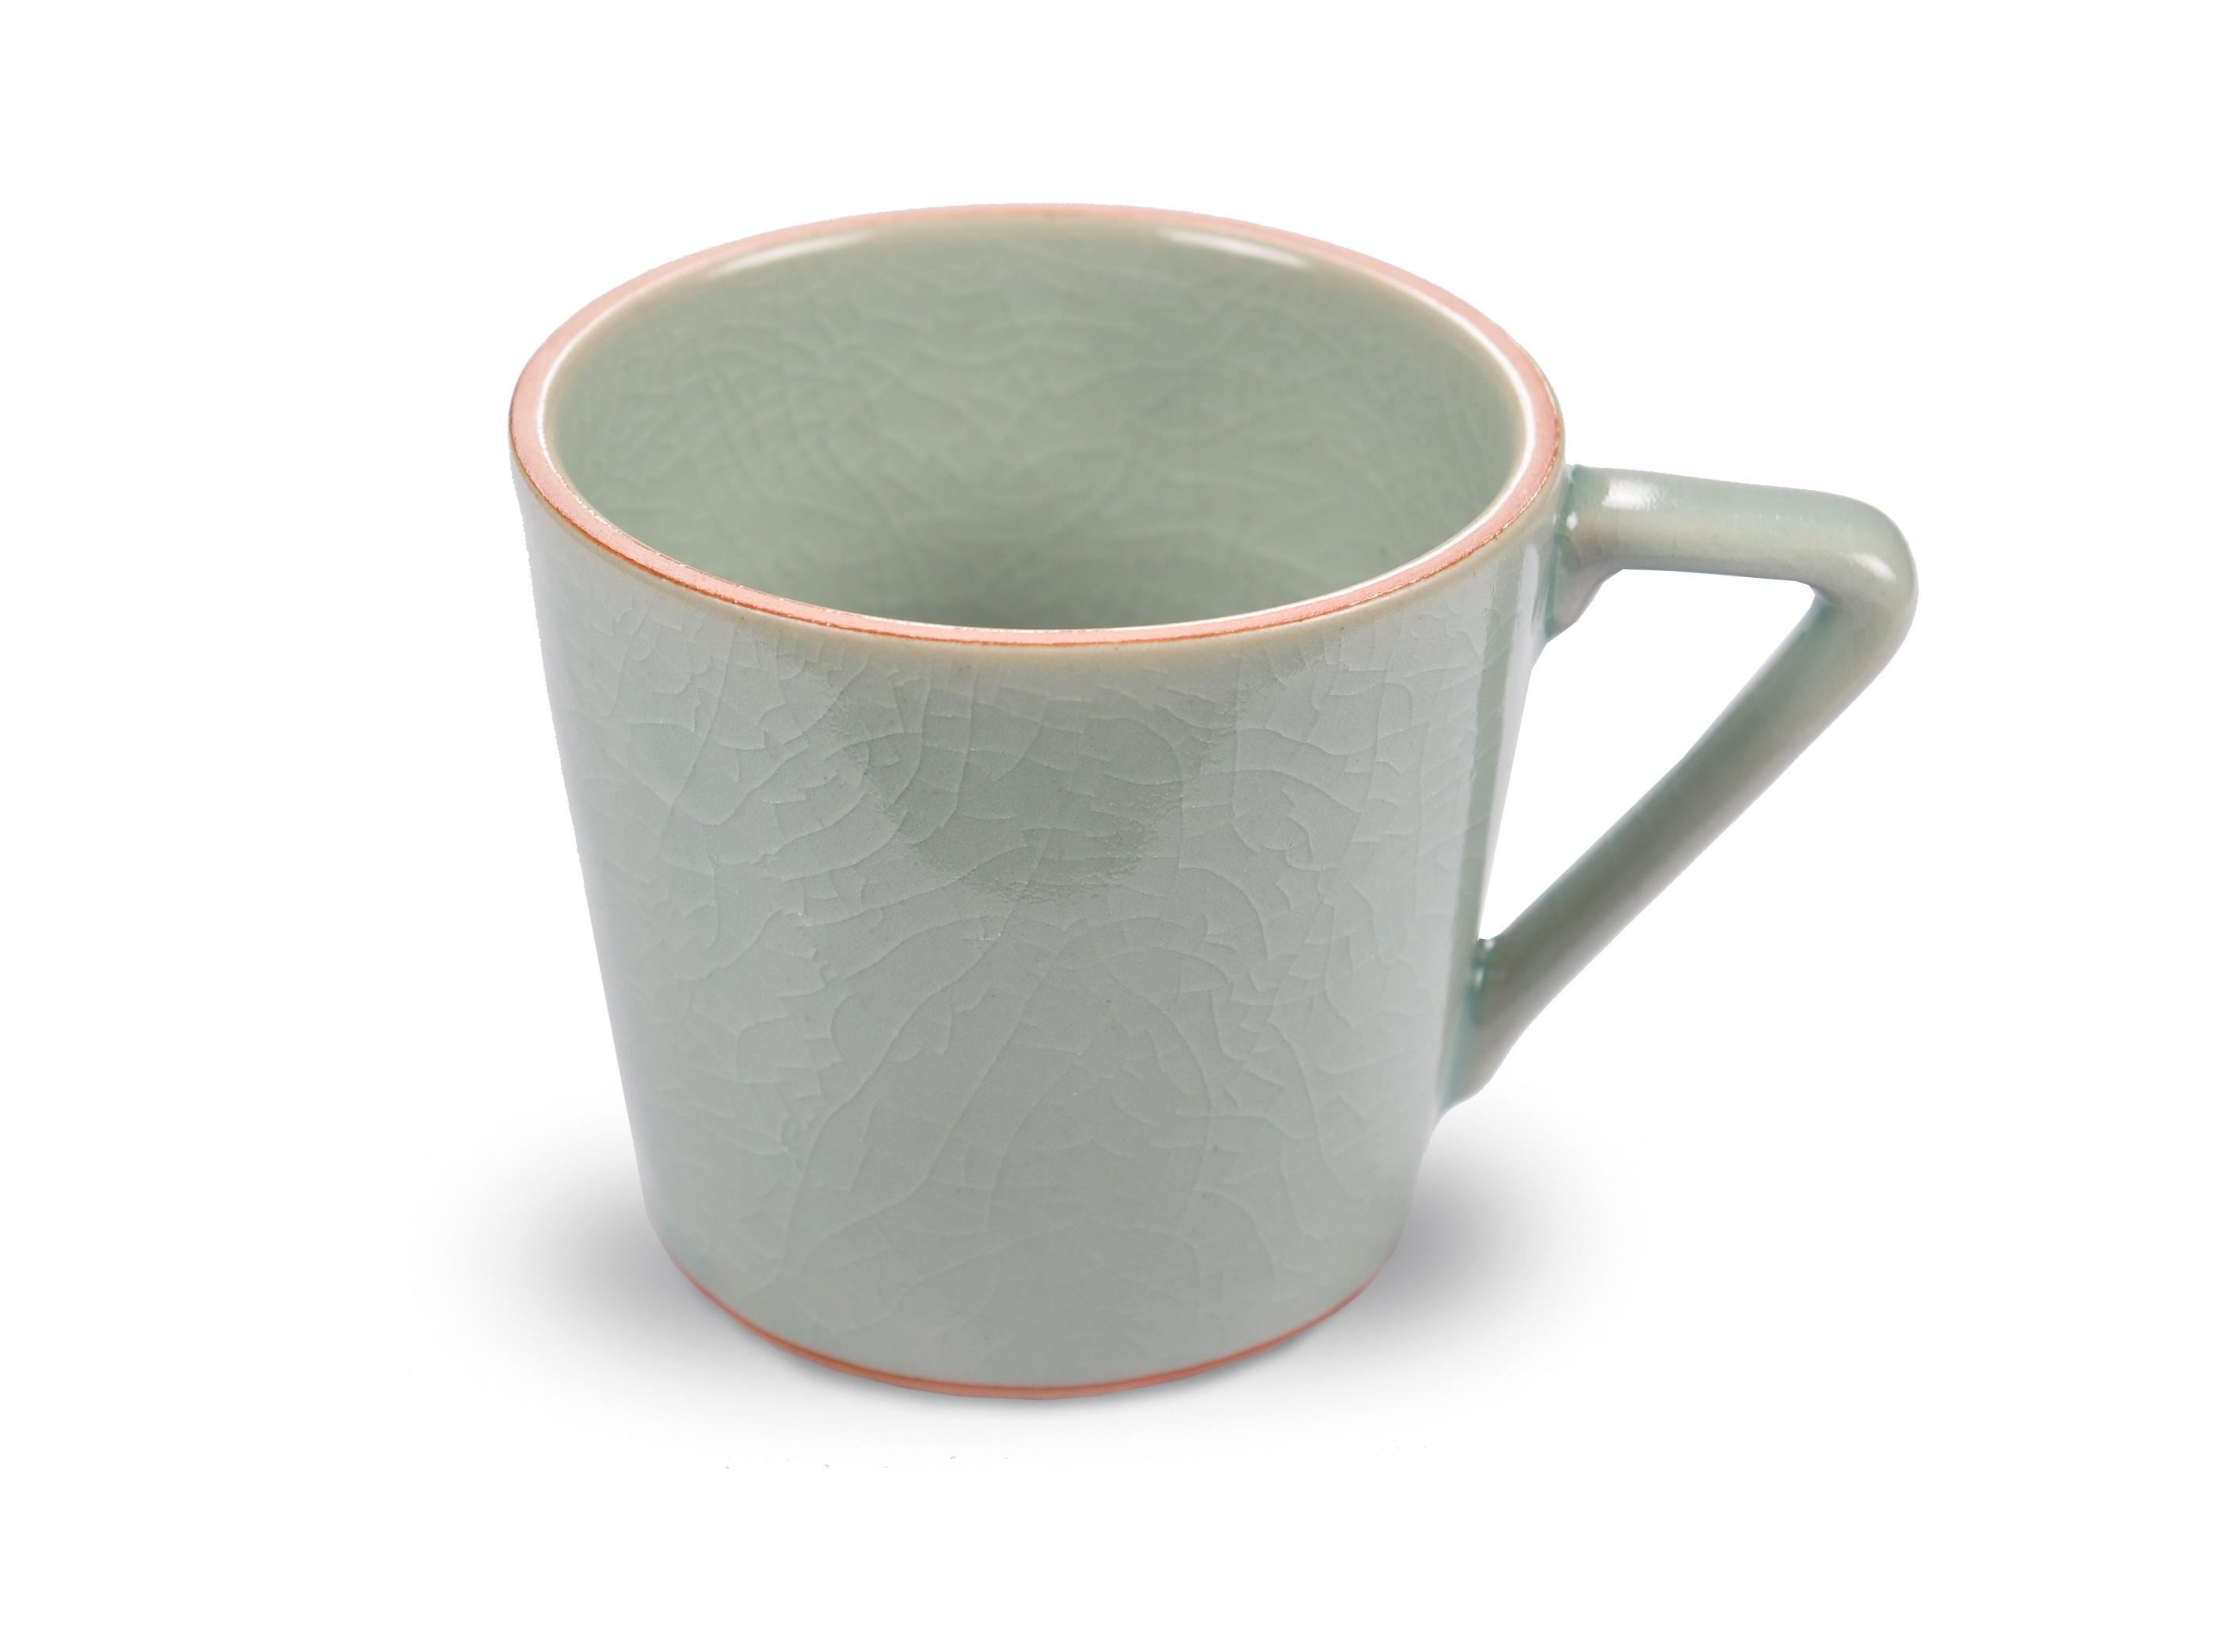 Кофейная чашка ConceptЧайные пары, чашки и кружки<br>Сочетание минималистических тенденций и классической текстуры позволило создать посуду, способную удовлетворить самый изысканный вкус. Коллекция напоминает о тех минутах, когда природа замирает в ожидании чуда. Домашний обед или ужин в ресторане, коллекция &amp;quot;Concept&amp;quot; создаст атмосферу индивидуальности, изысканности и гармонии.<br><br>Material: Керамика<br>Height см: 8.9<br>Diameter см: 10.2